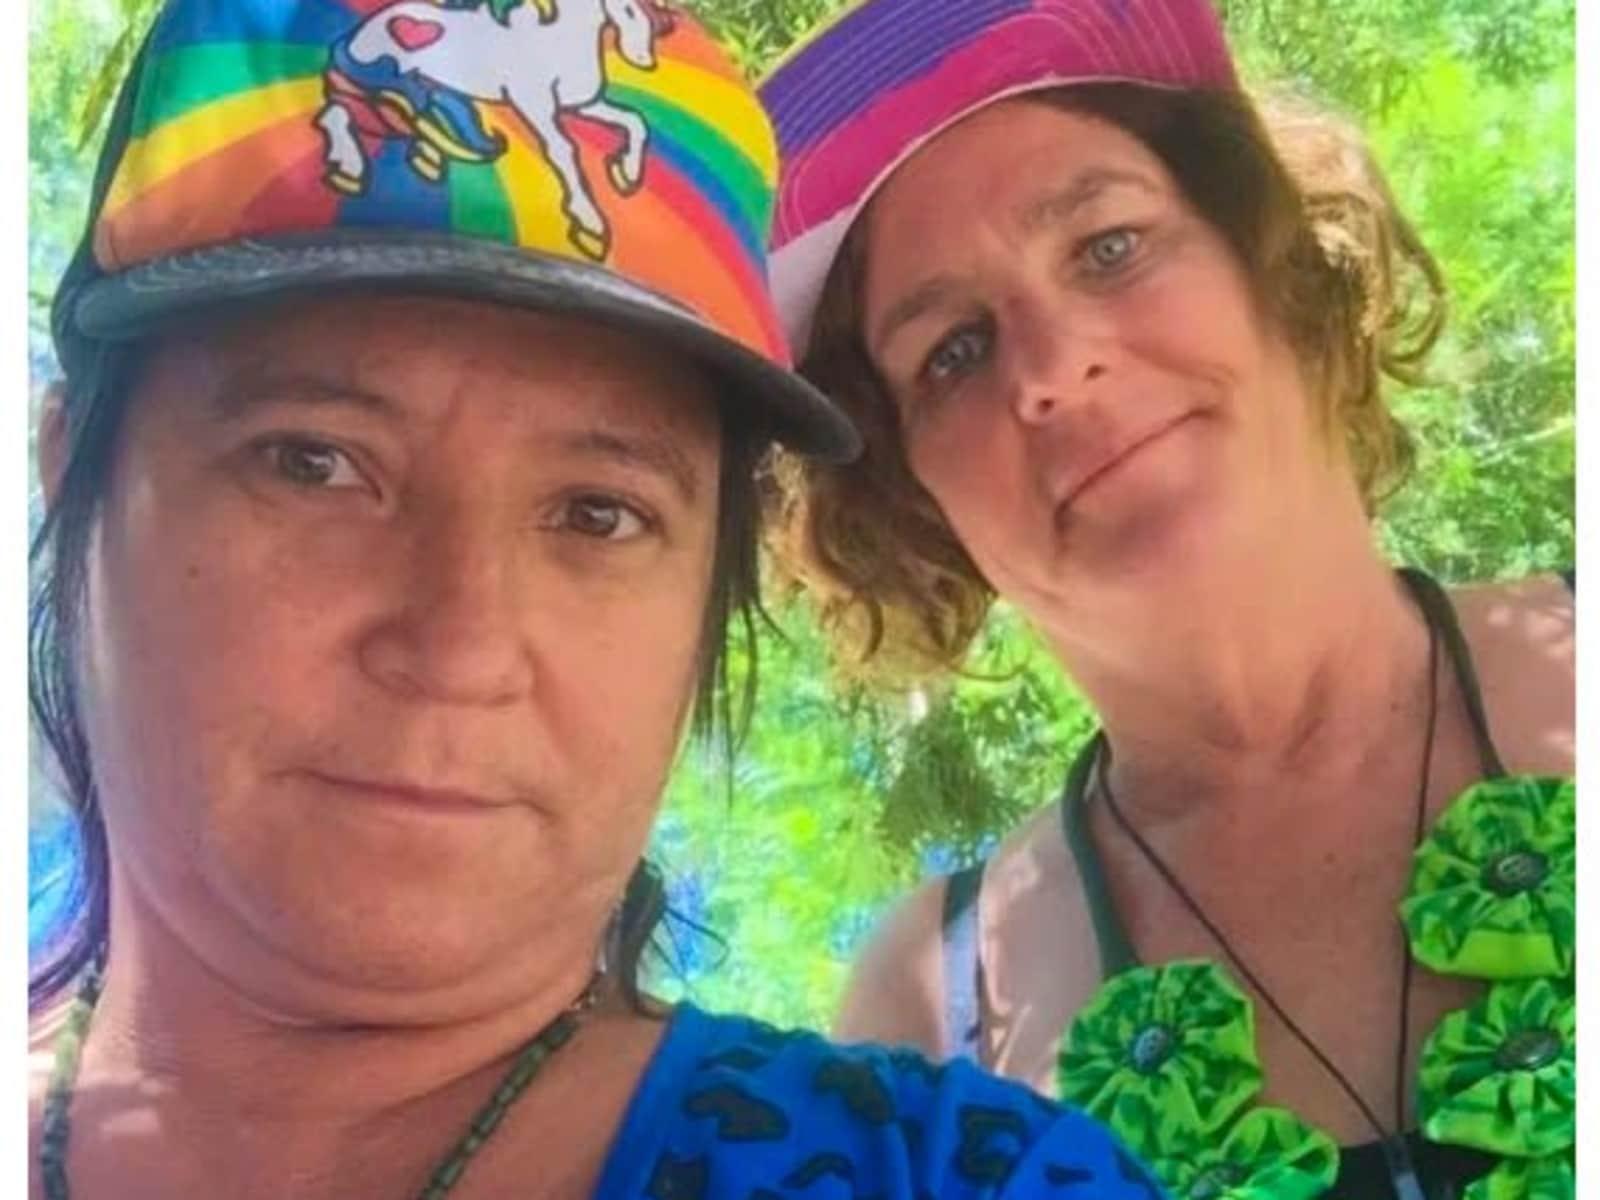 Kara & Sandy lee from Alice Springs, Northern Territory, Australia